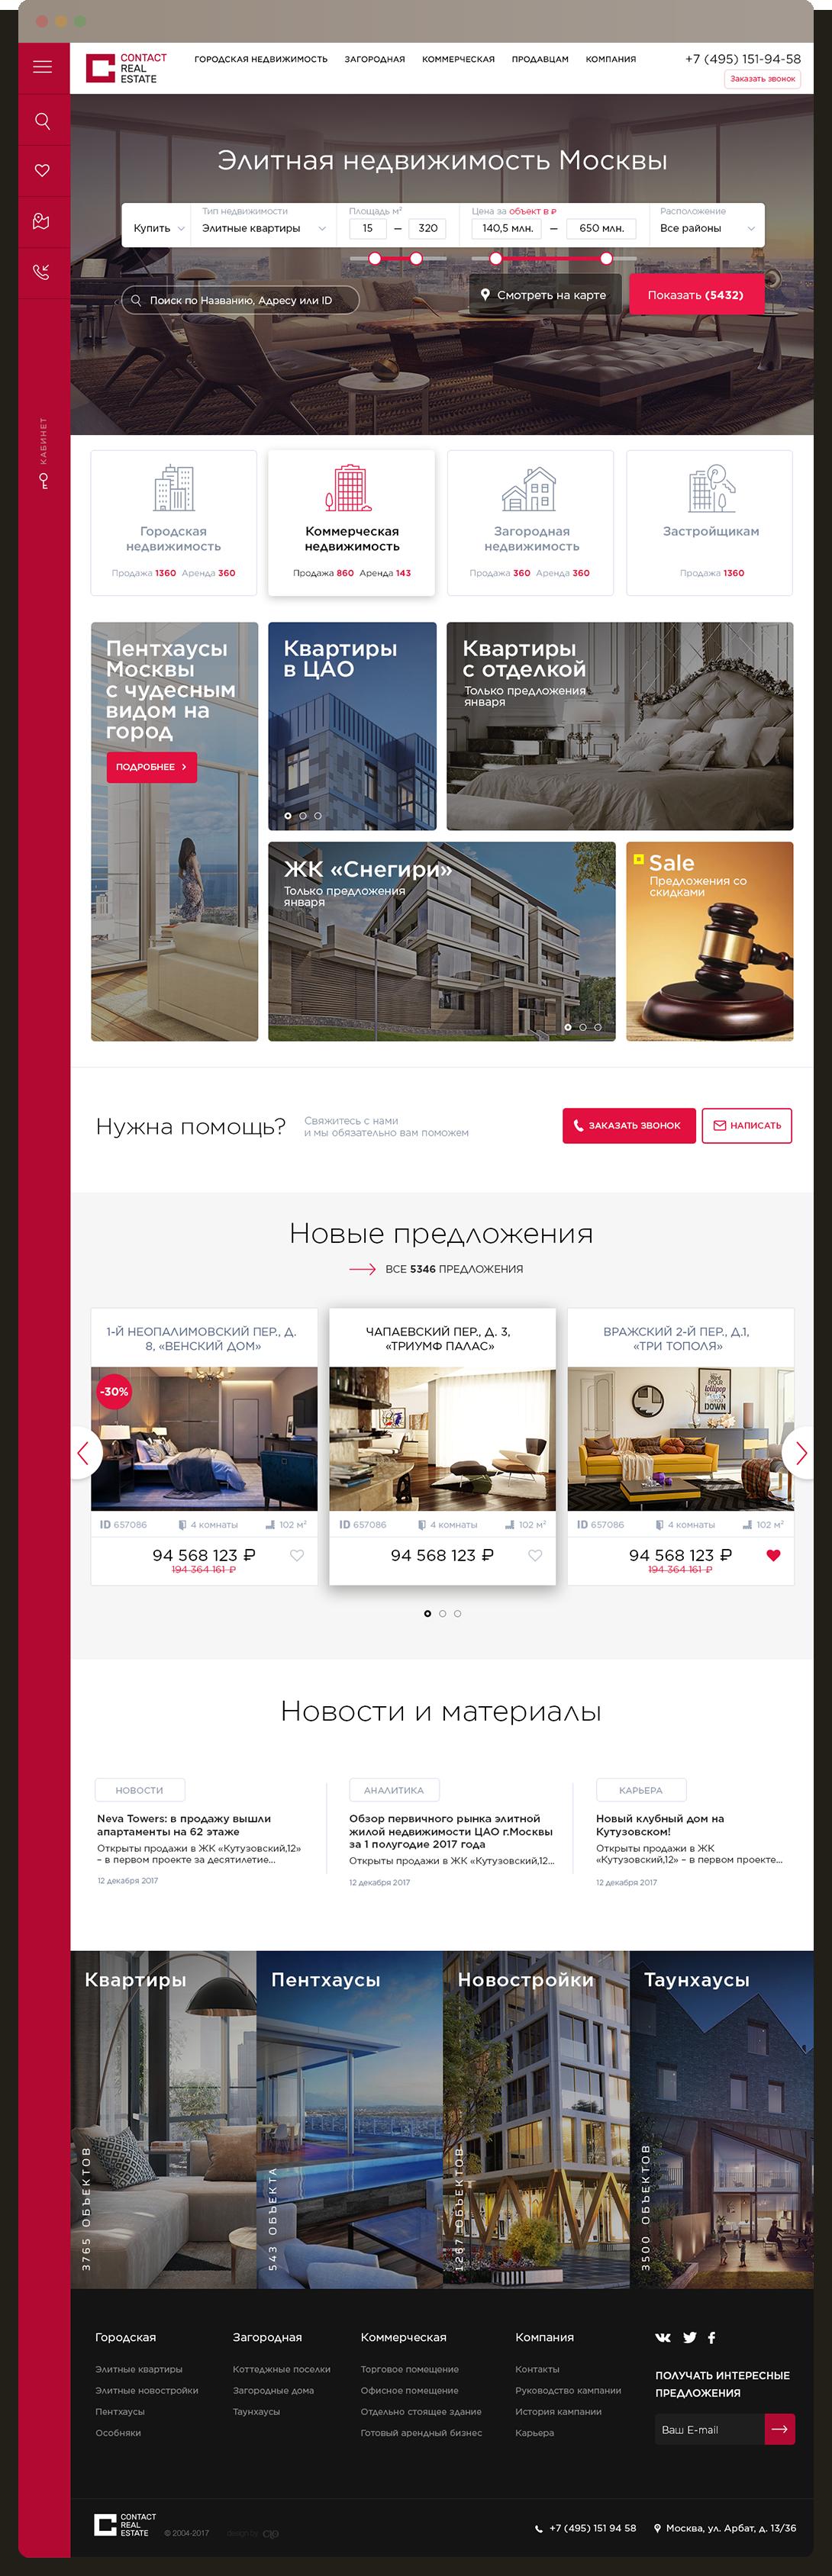 Веб-портал агентства элитной недвижимости